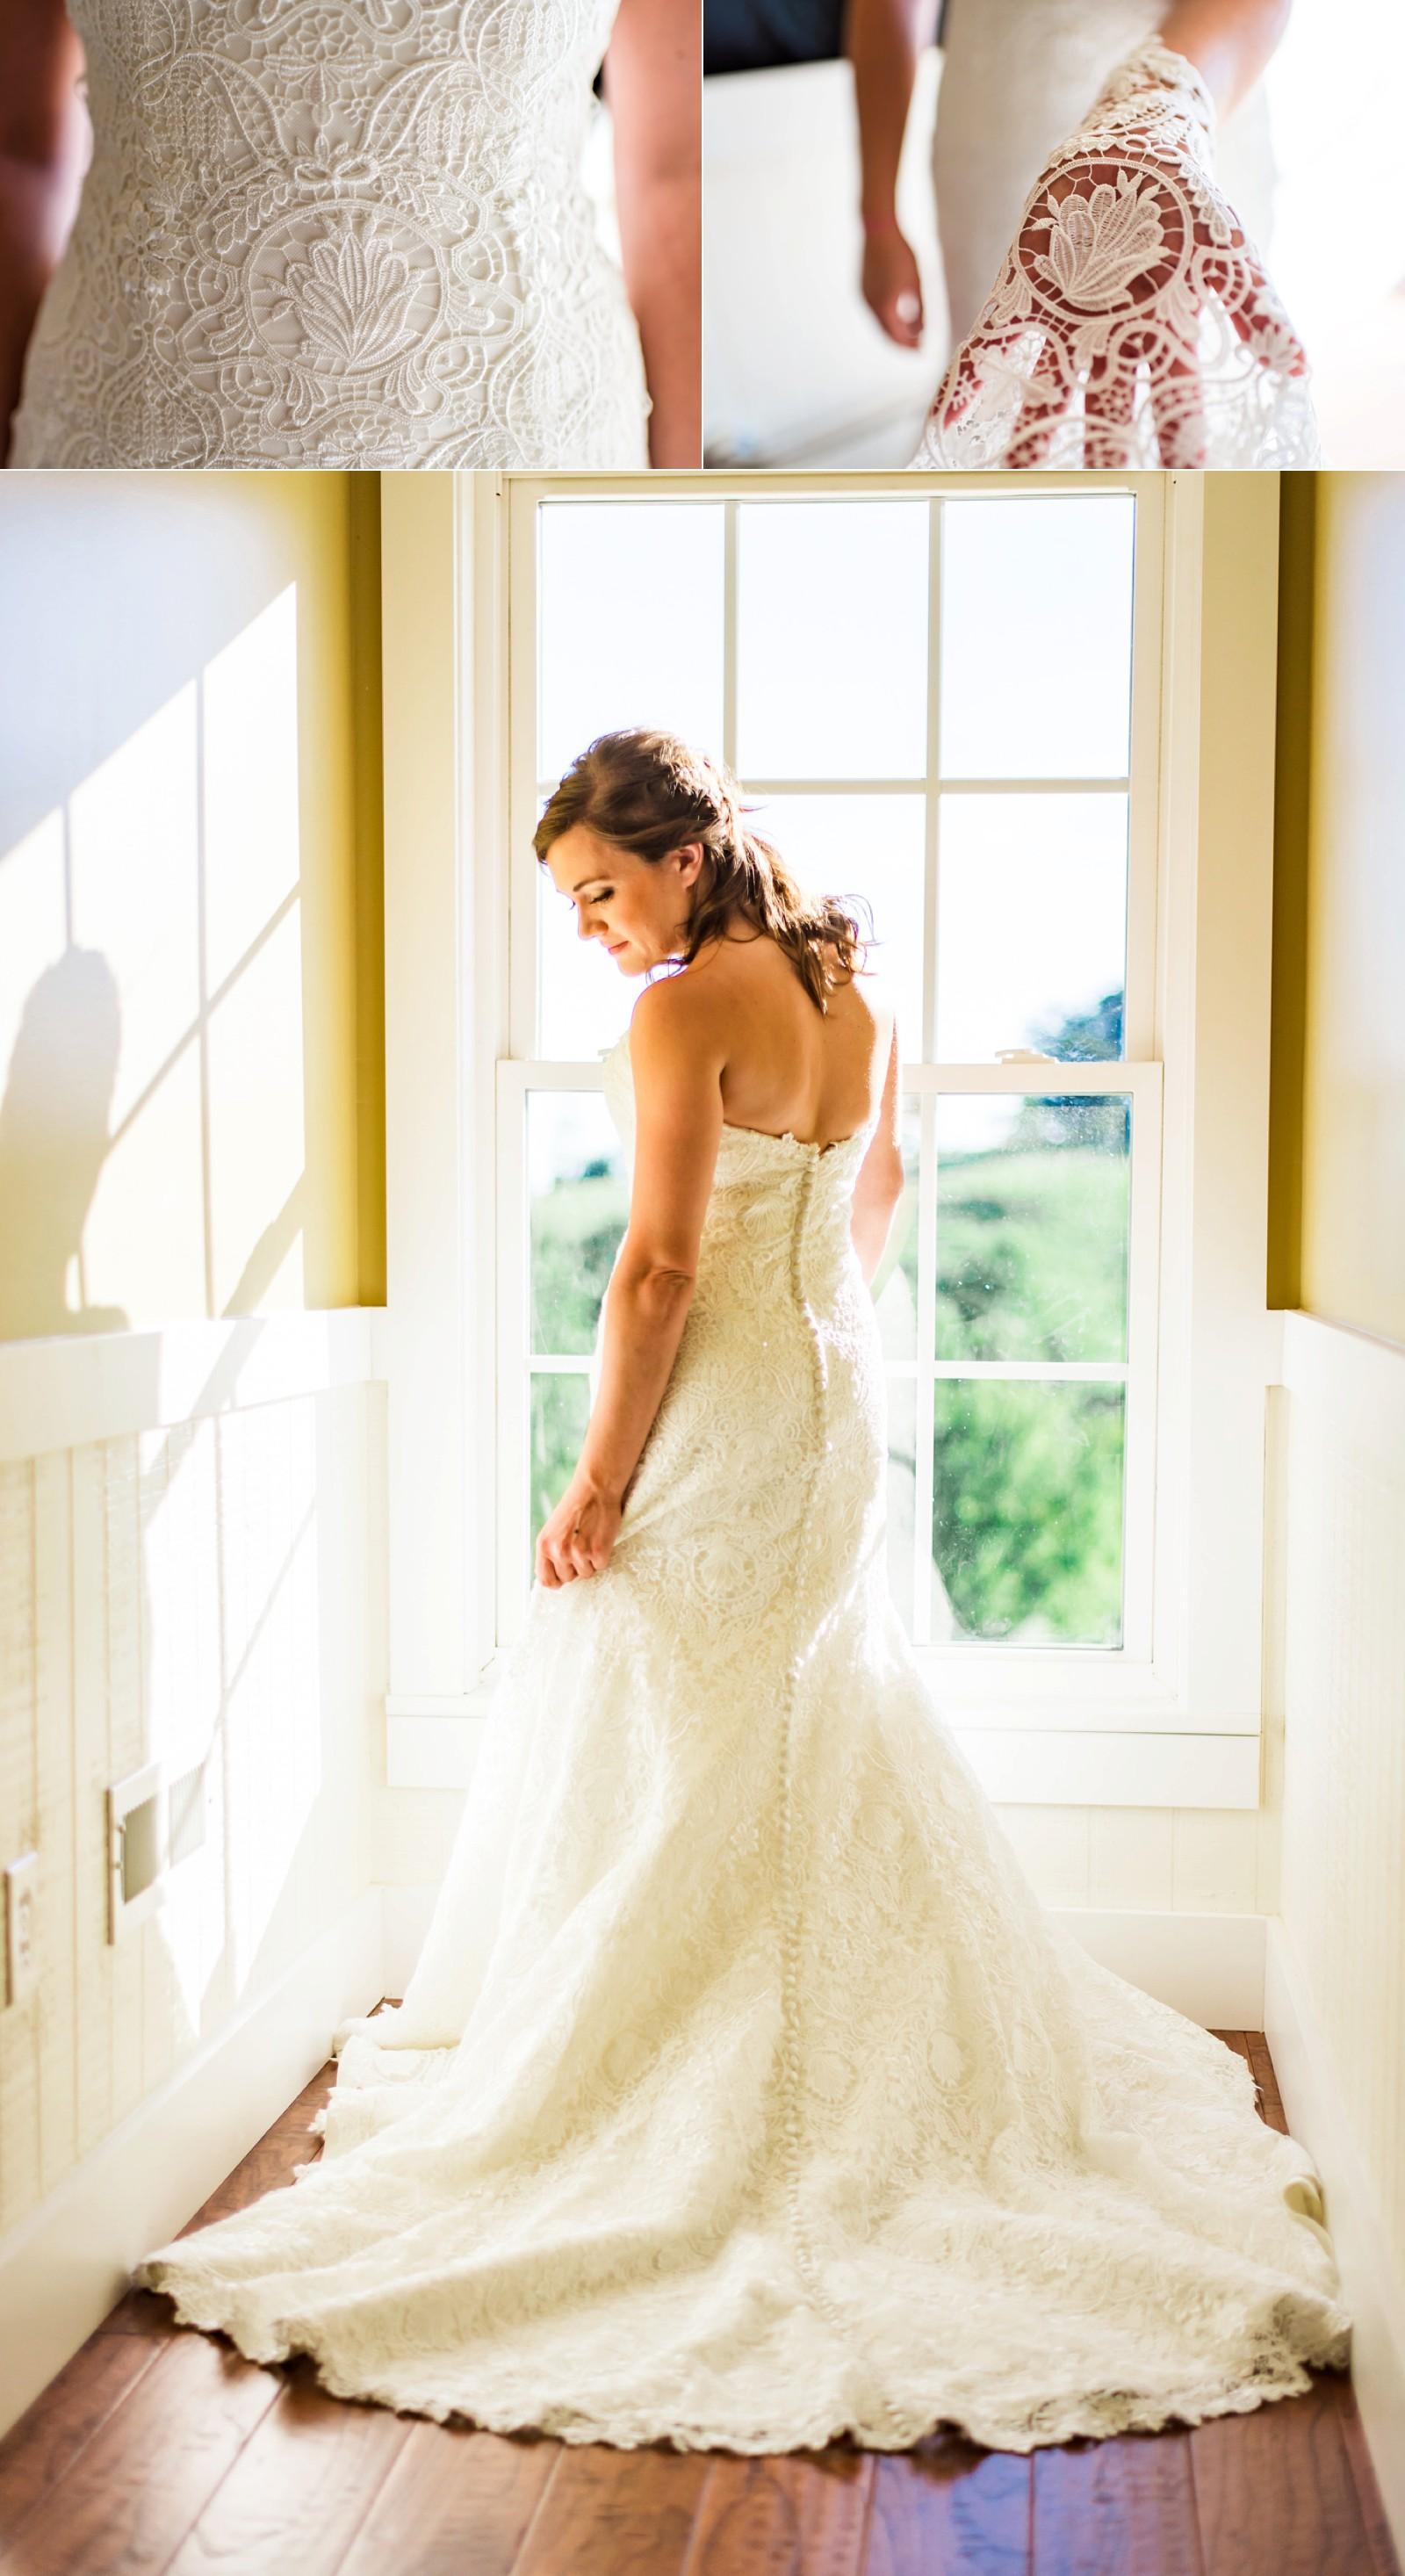 Knoxville wedding photographers - Boho inspired shoot